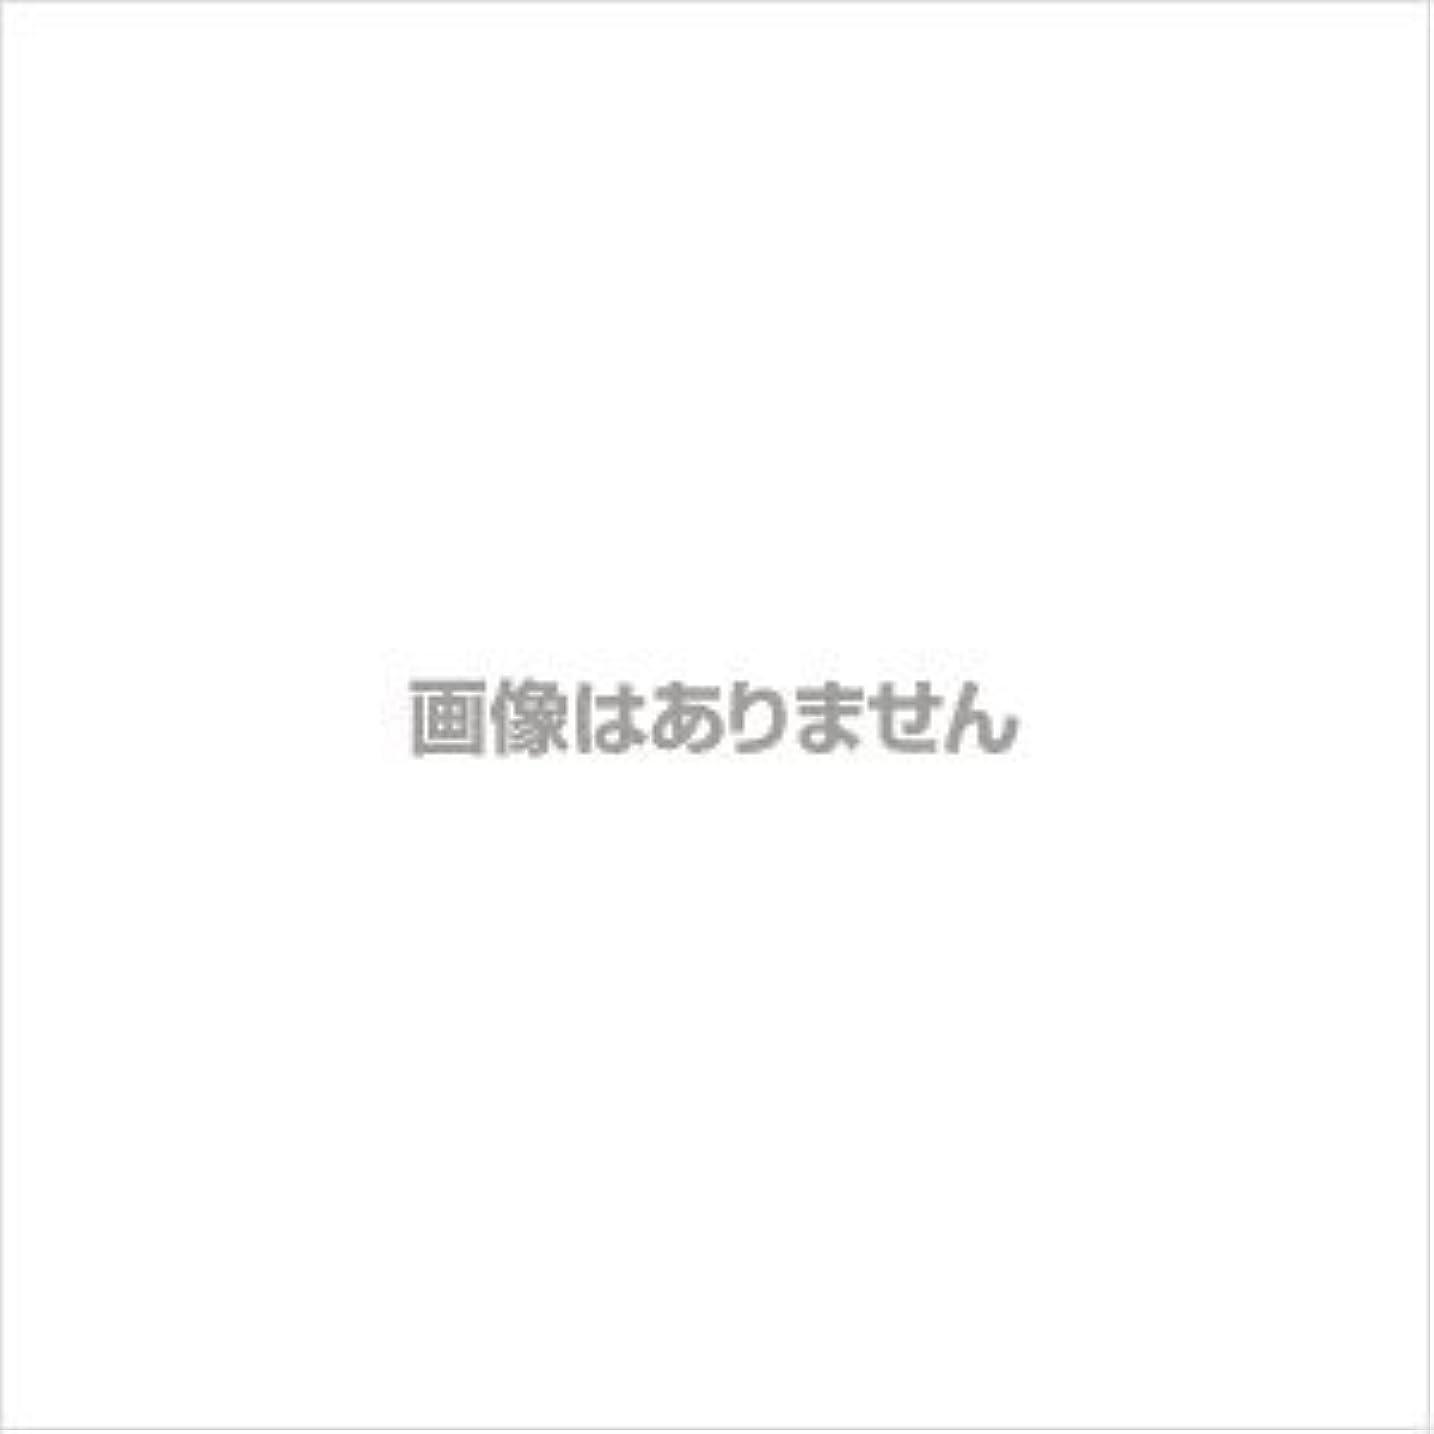 トロピカル億緊張する【柳屋】フェイシャル 薬用アクネウォッシュ